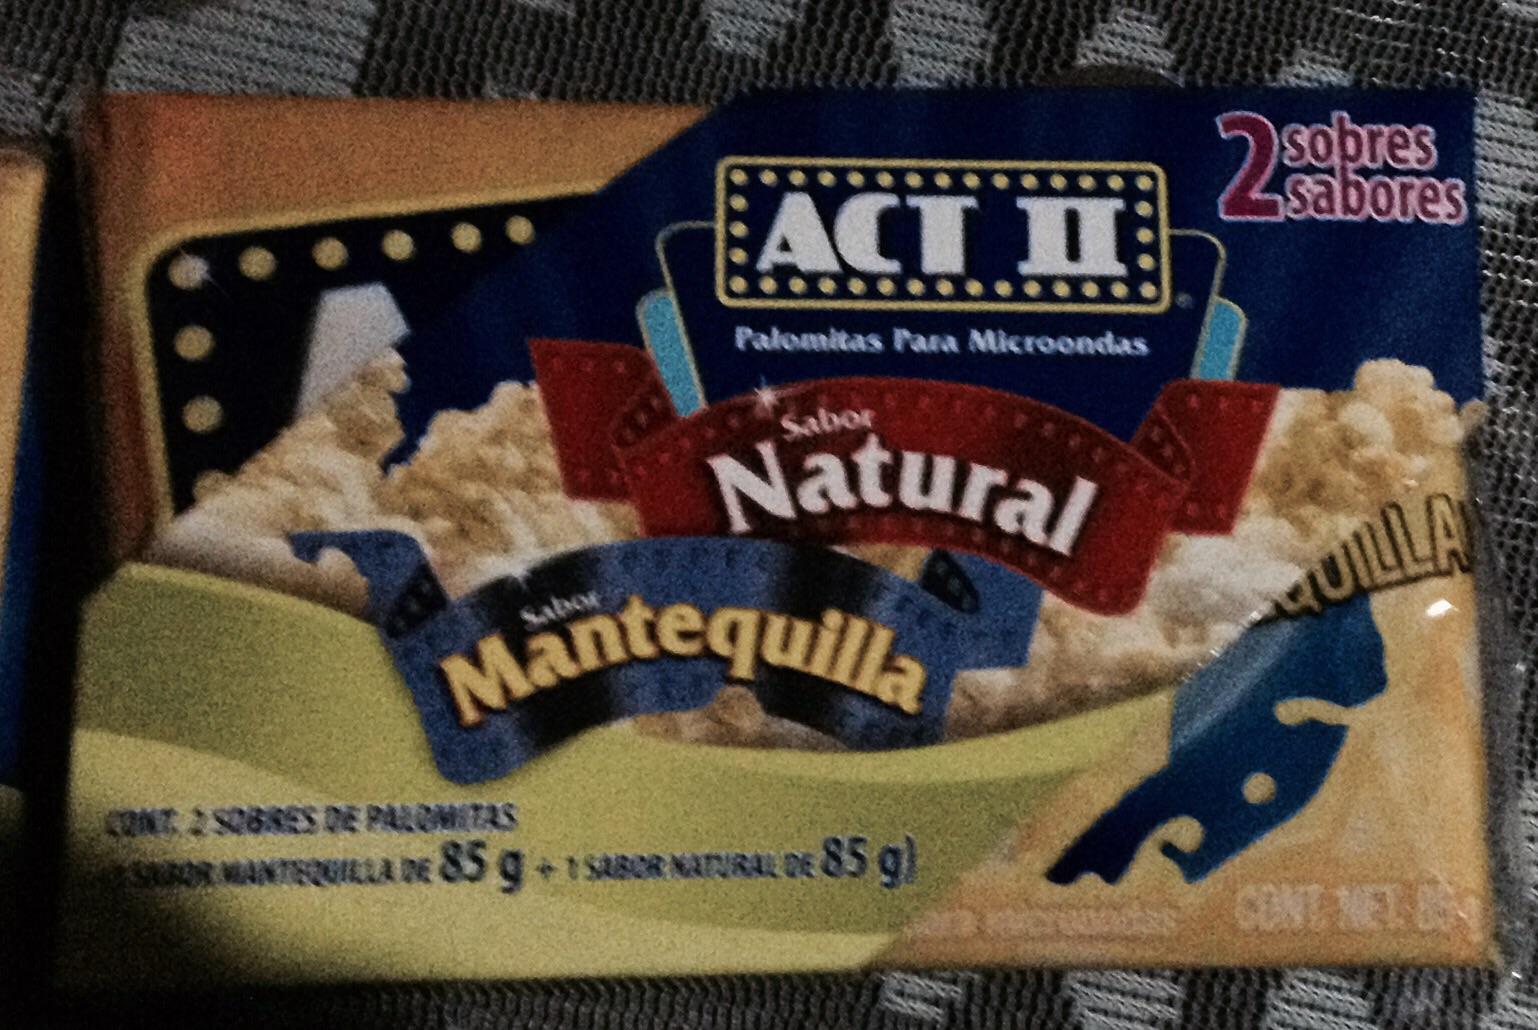 Walmart: paquete de palomitas a $6.02 y paquete de croissants $12.50